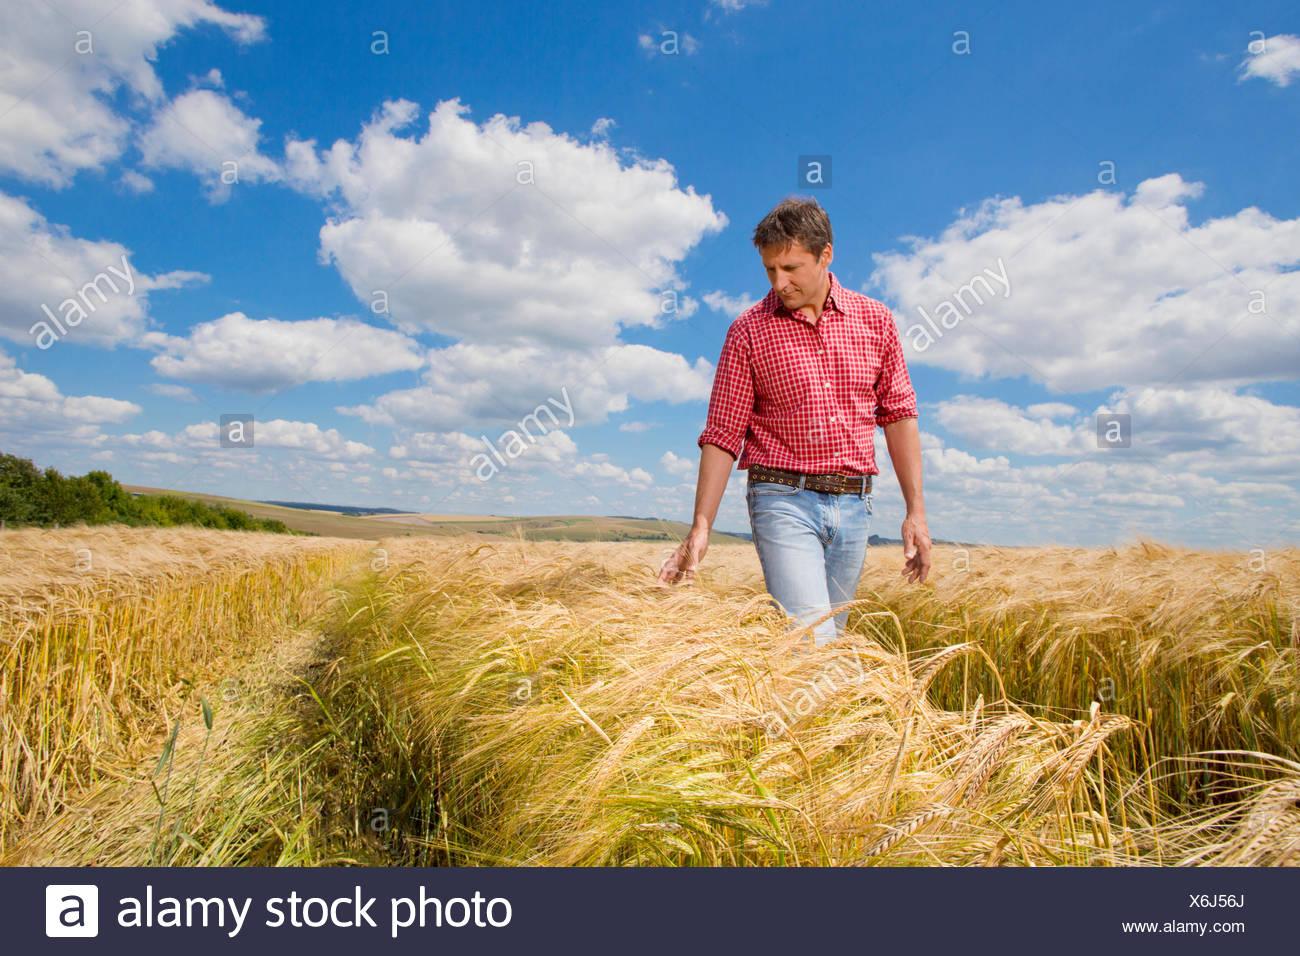 Agricoltore esaminando sunny rural raccolto di orzo campo in estate Immagini Stock